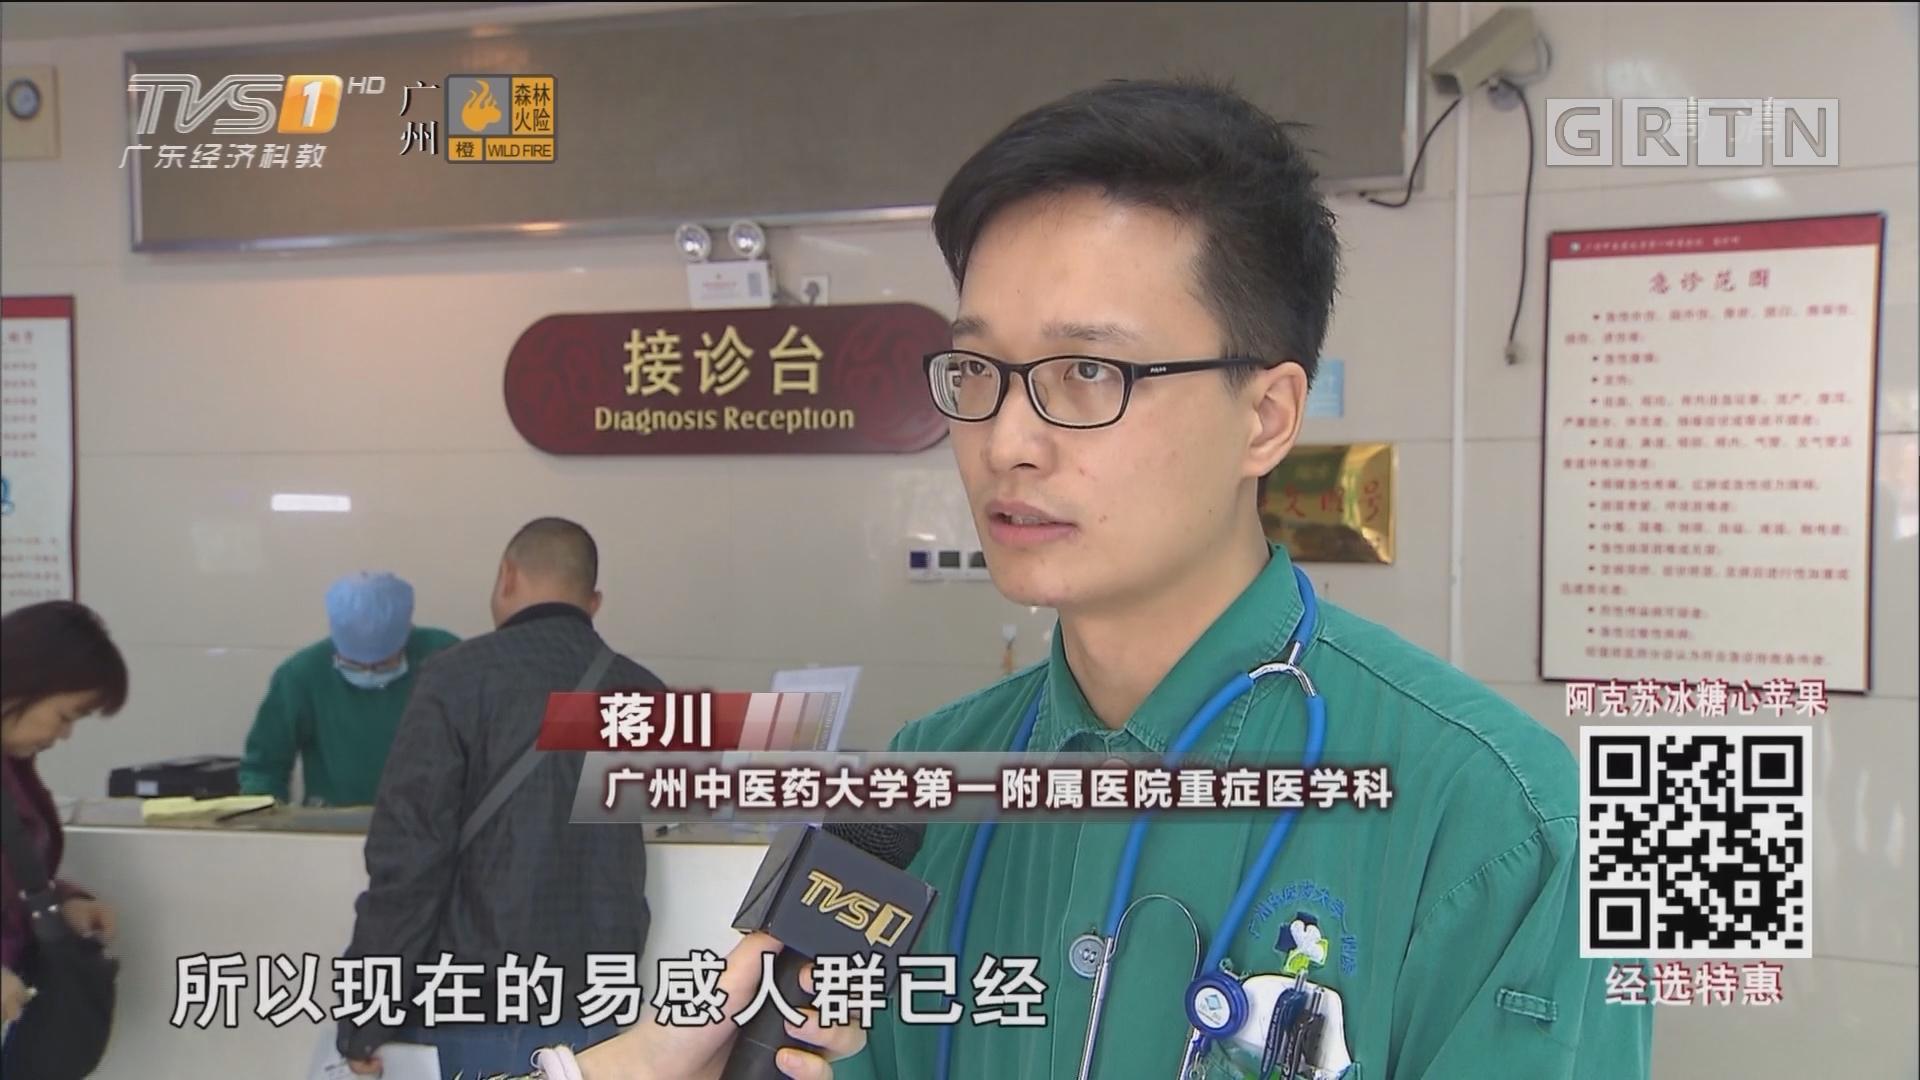 流感 水痘季节病齐袭 近期孩子发烧要警惕!